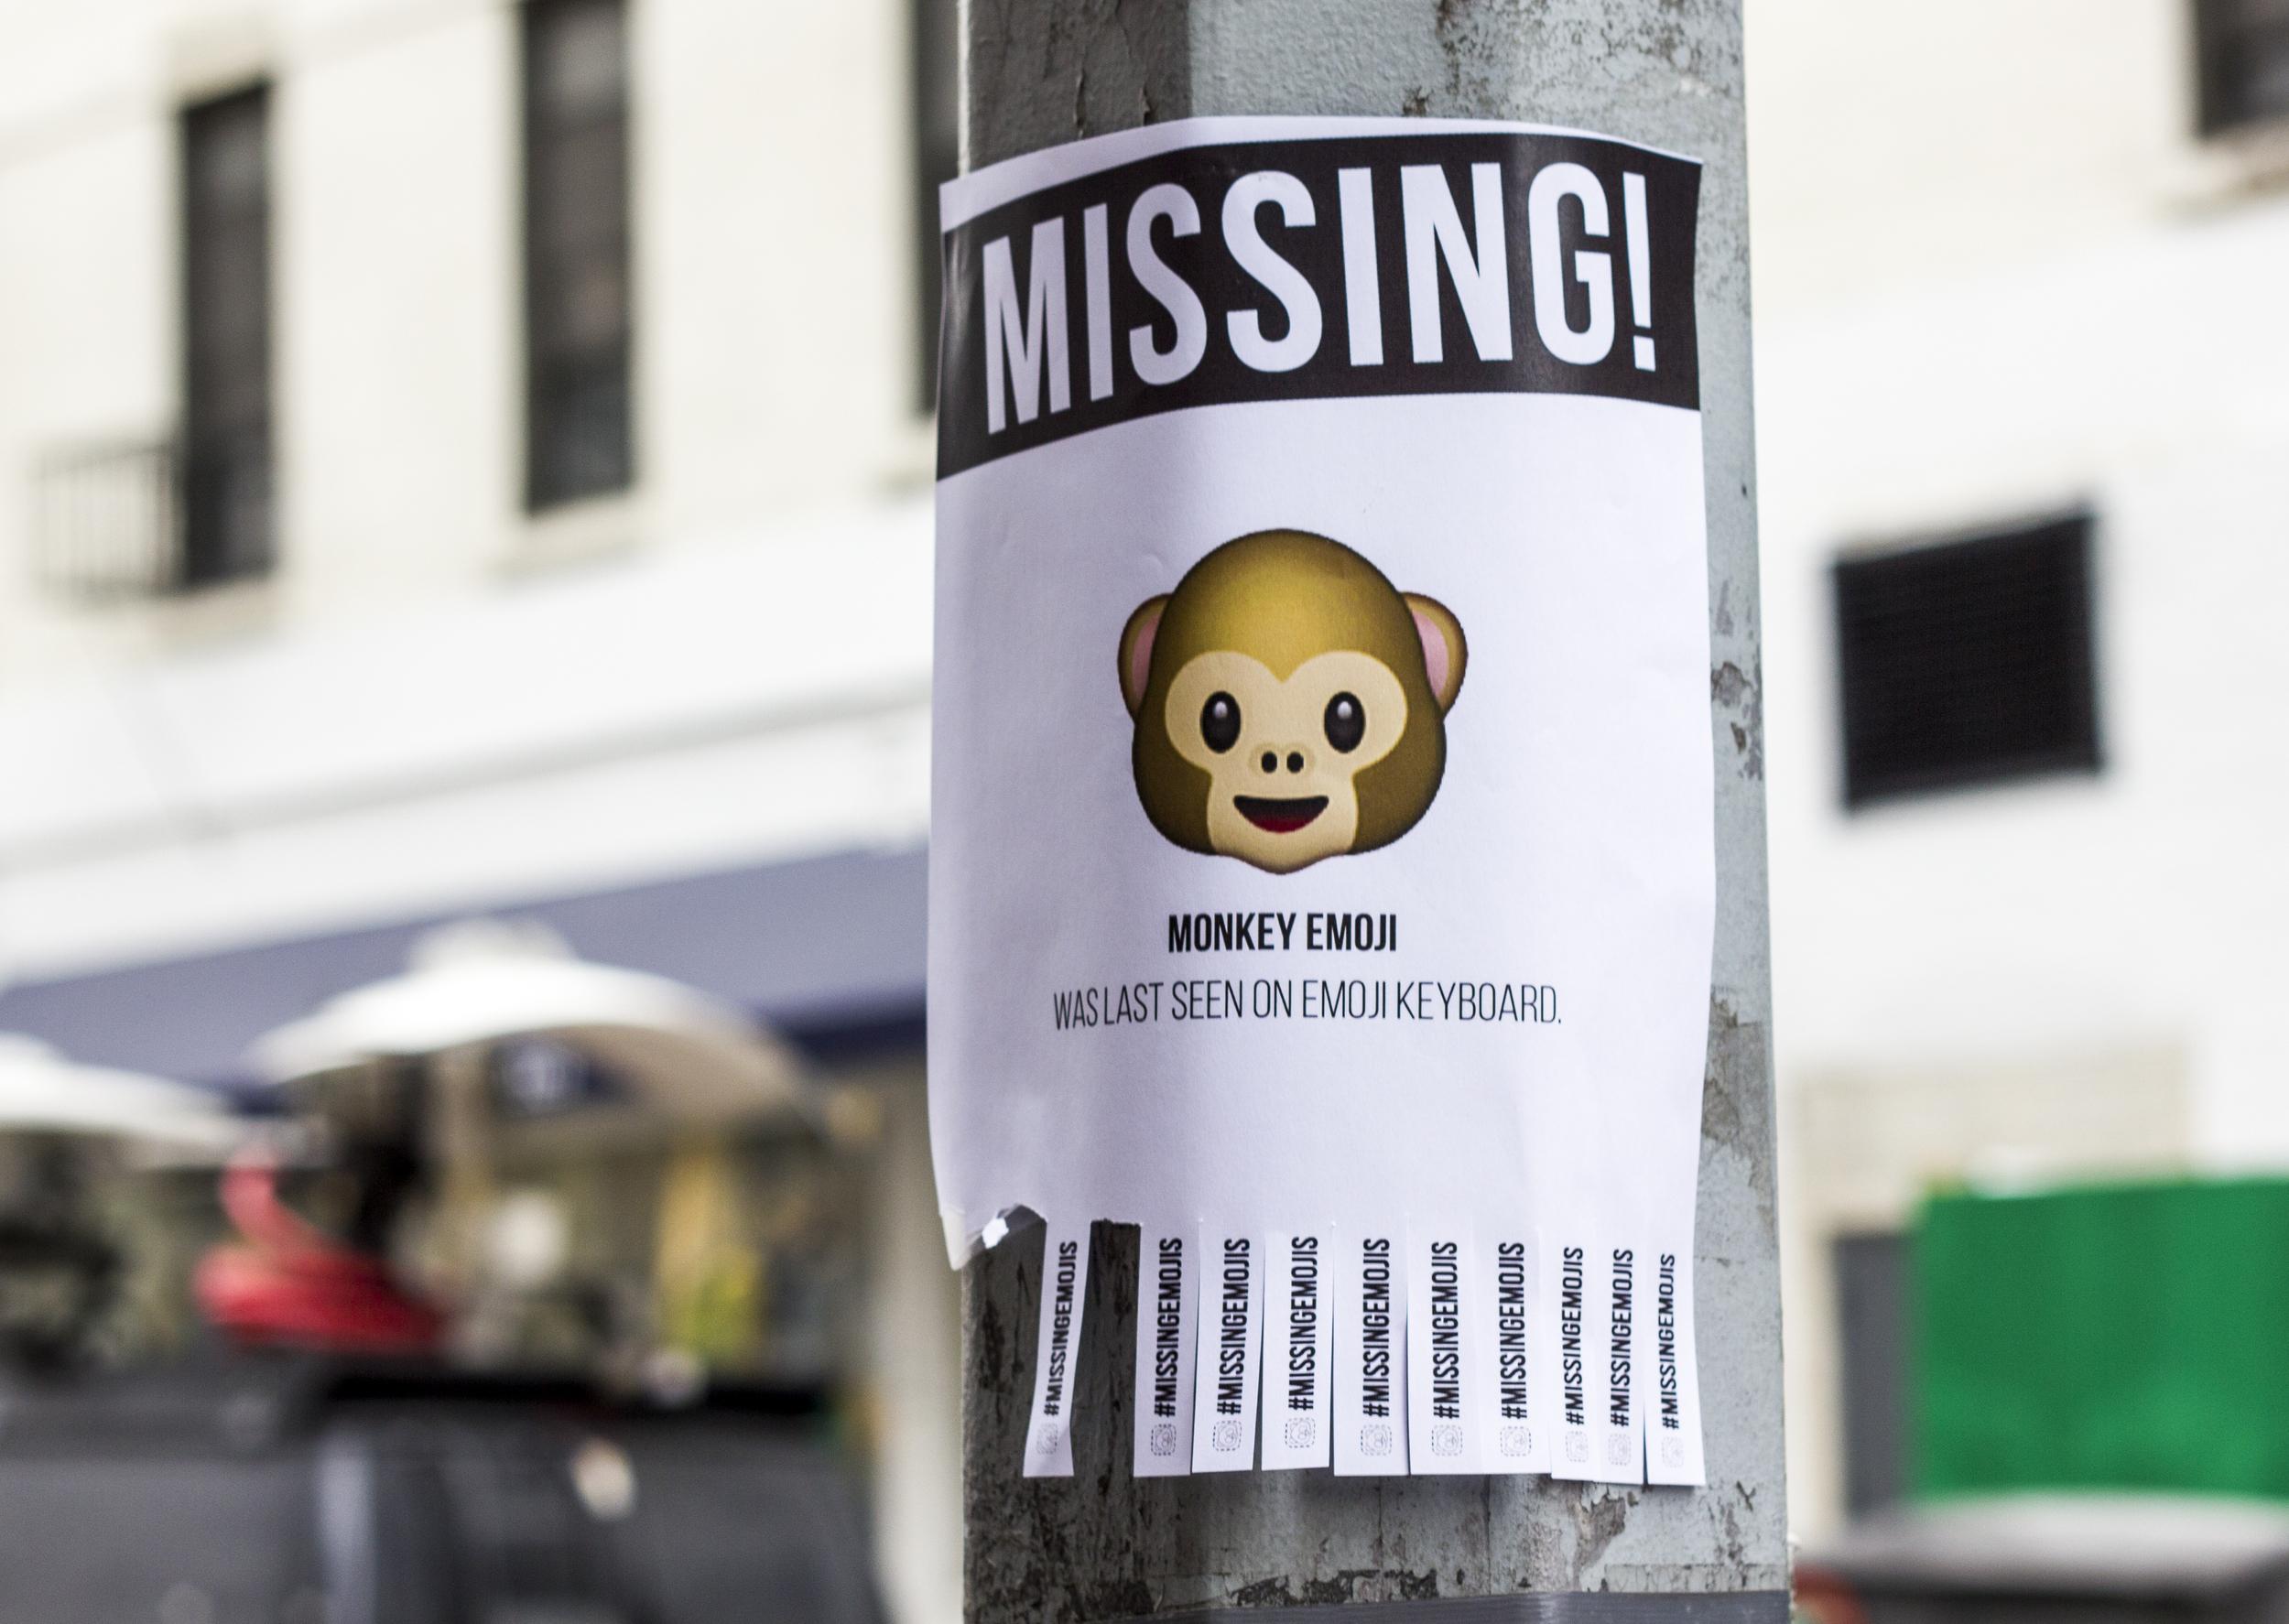 monkeyposter1.jpg